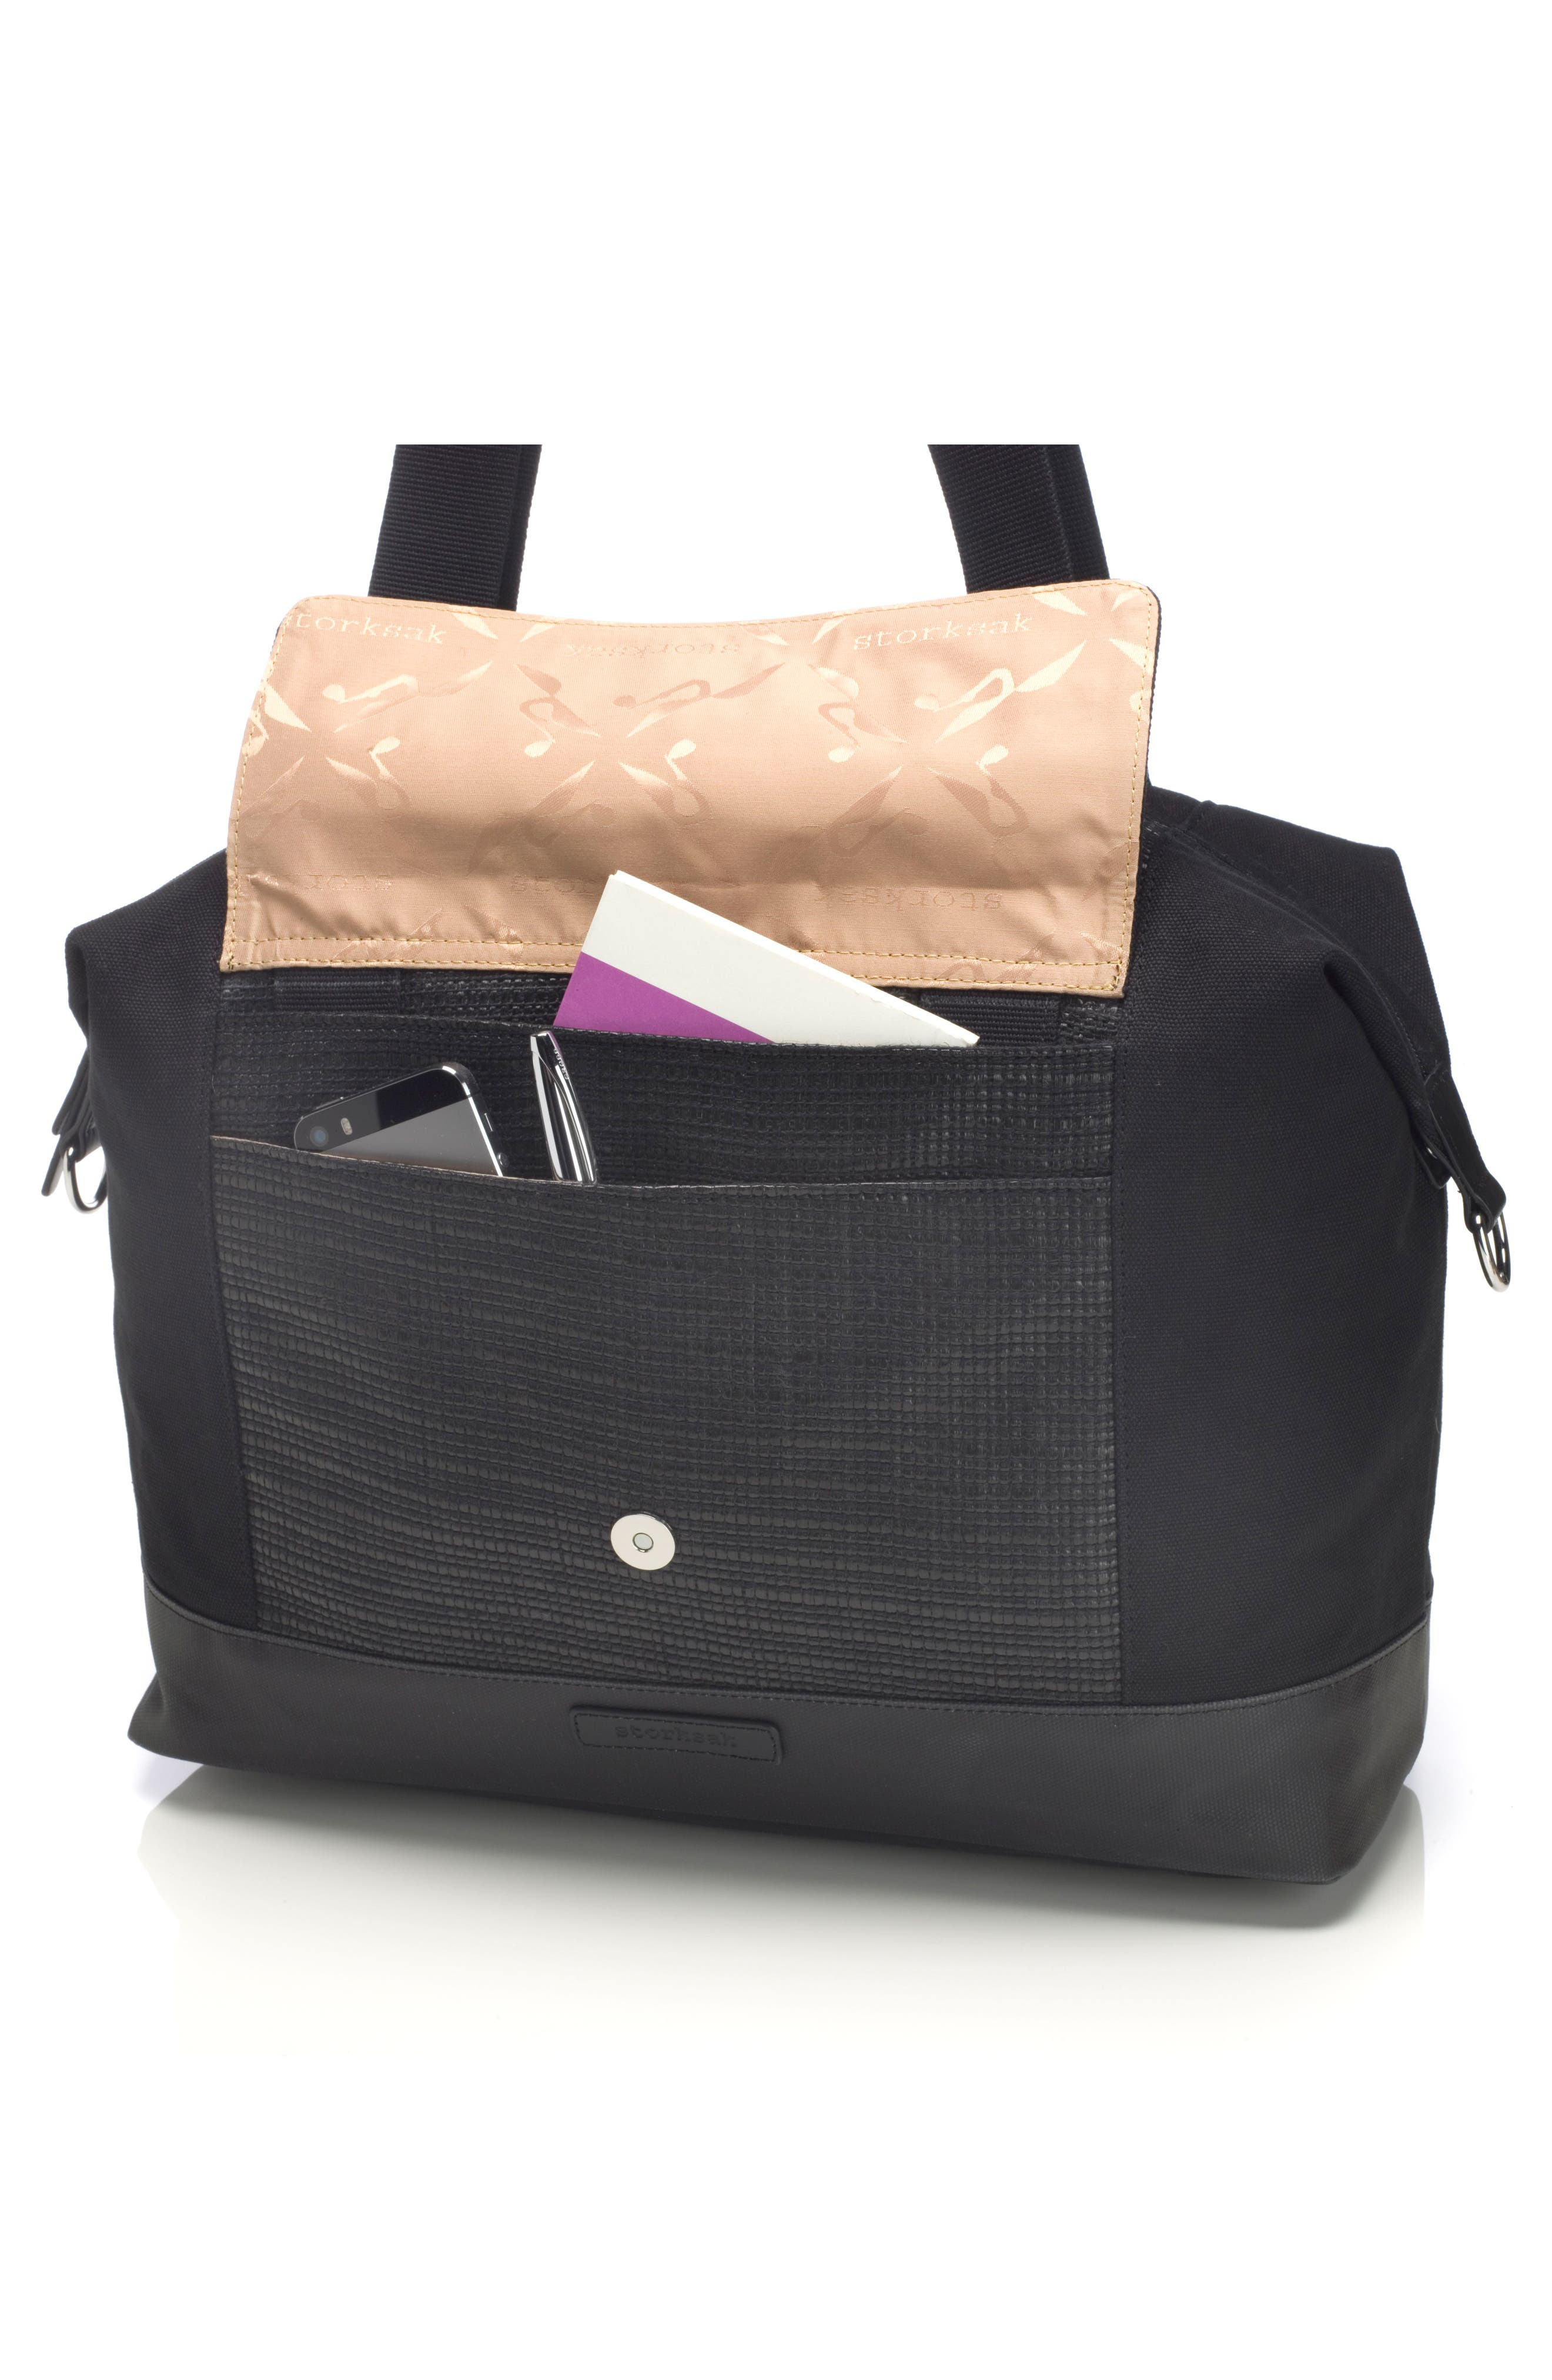 Jude Convertible Diaper Bag,                             Alternate thumbnail 10, color,                             Black